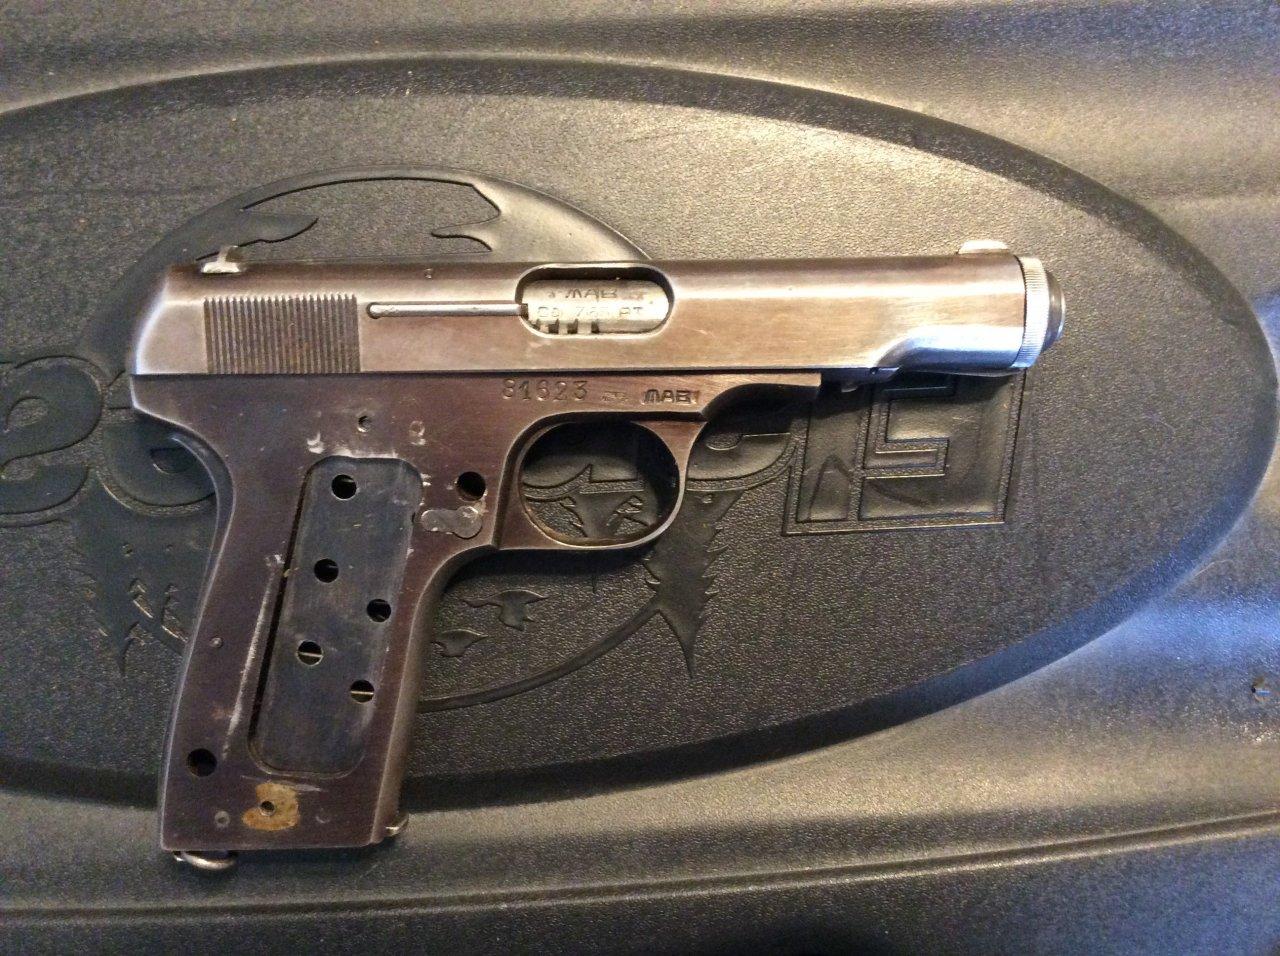 MAB Model D 7 65 Mm | Gun Values Board